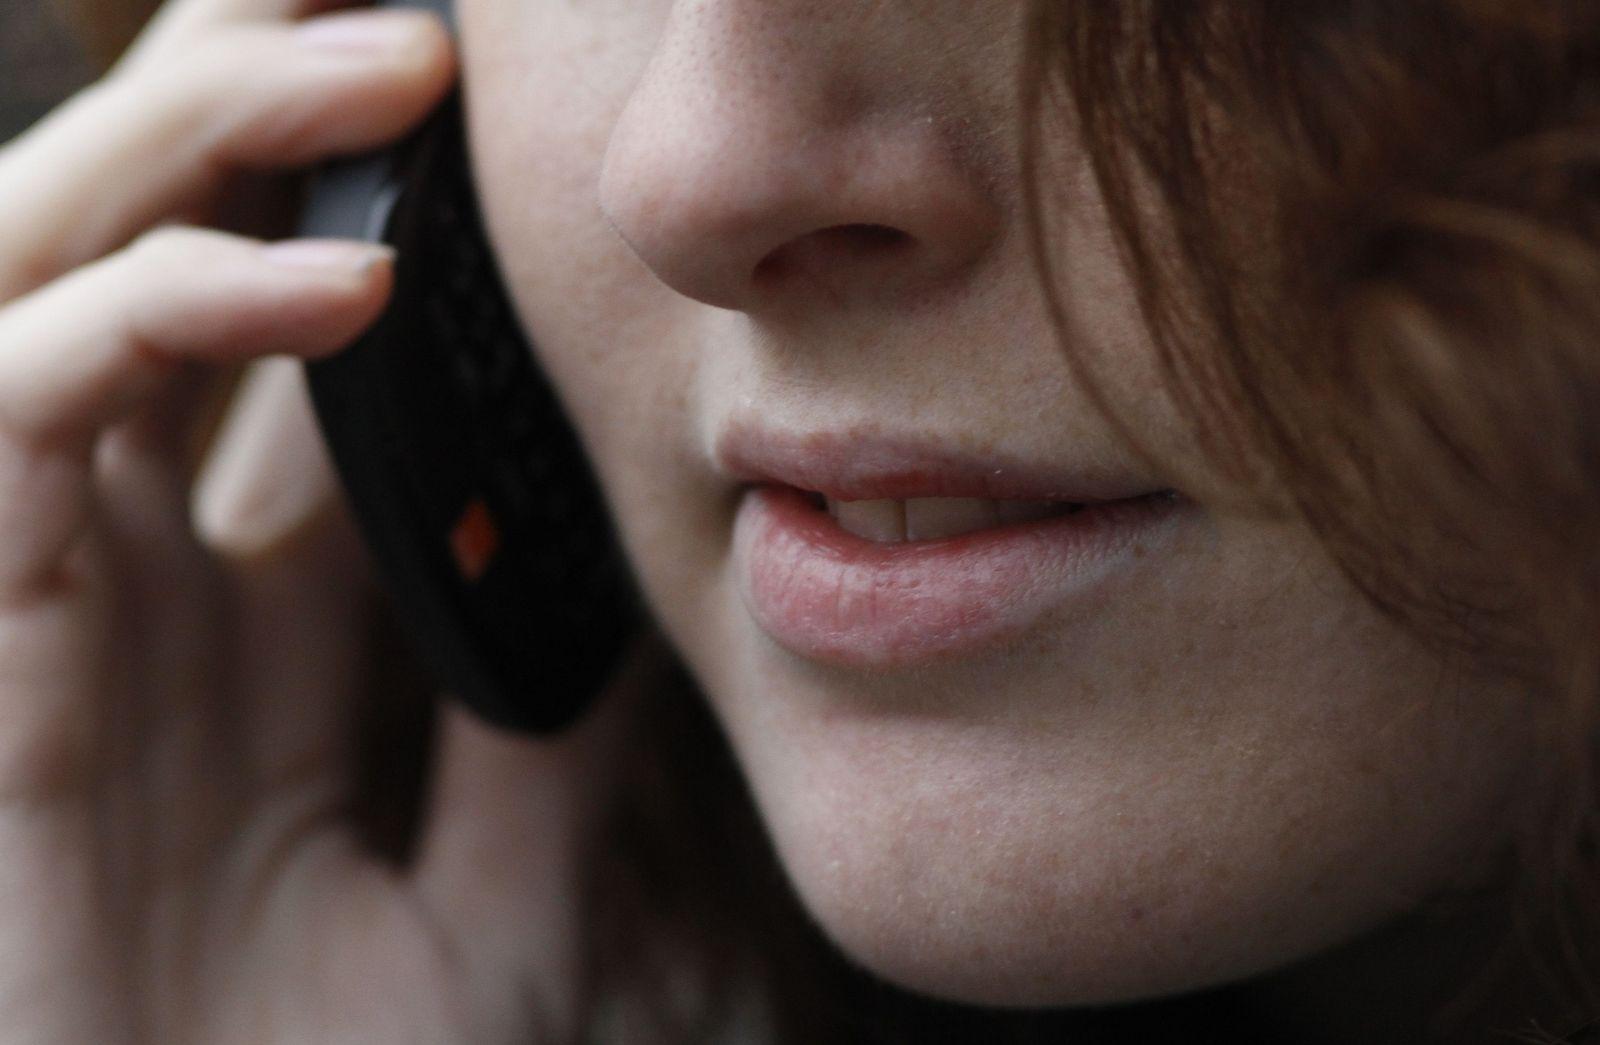 SYMBOLBILD Handy / Telefonieren